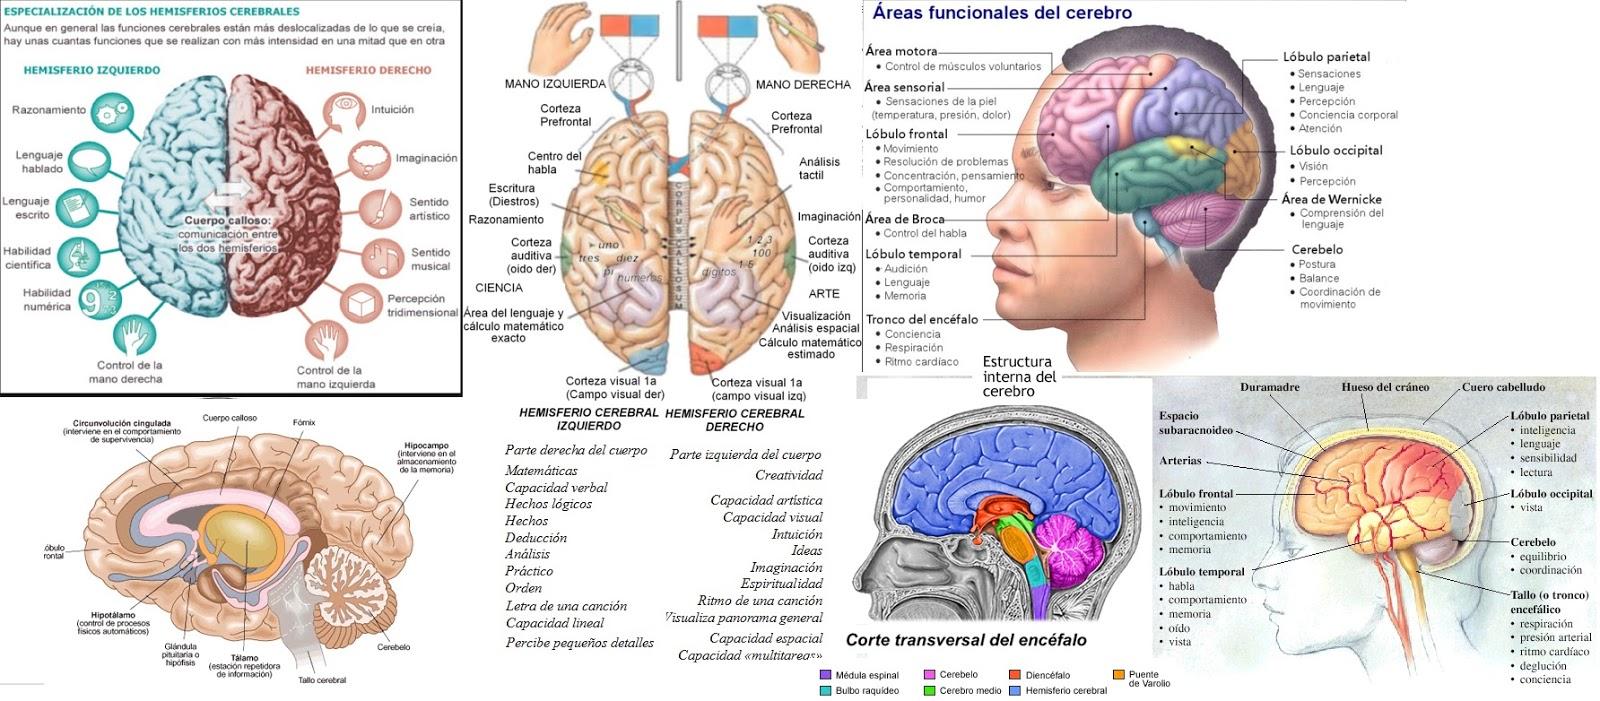 Estudio de creatividad: Hemisferios cerebrales